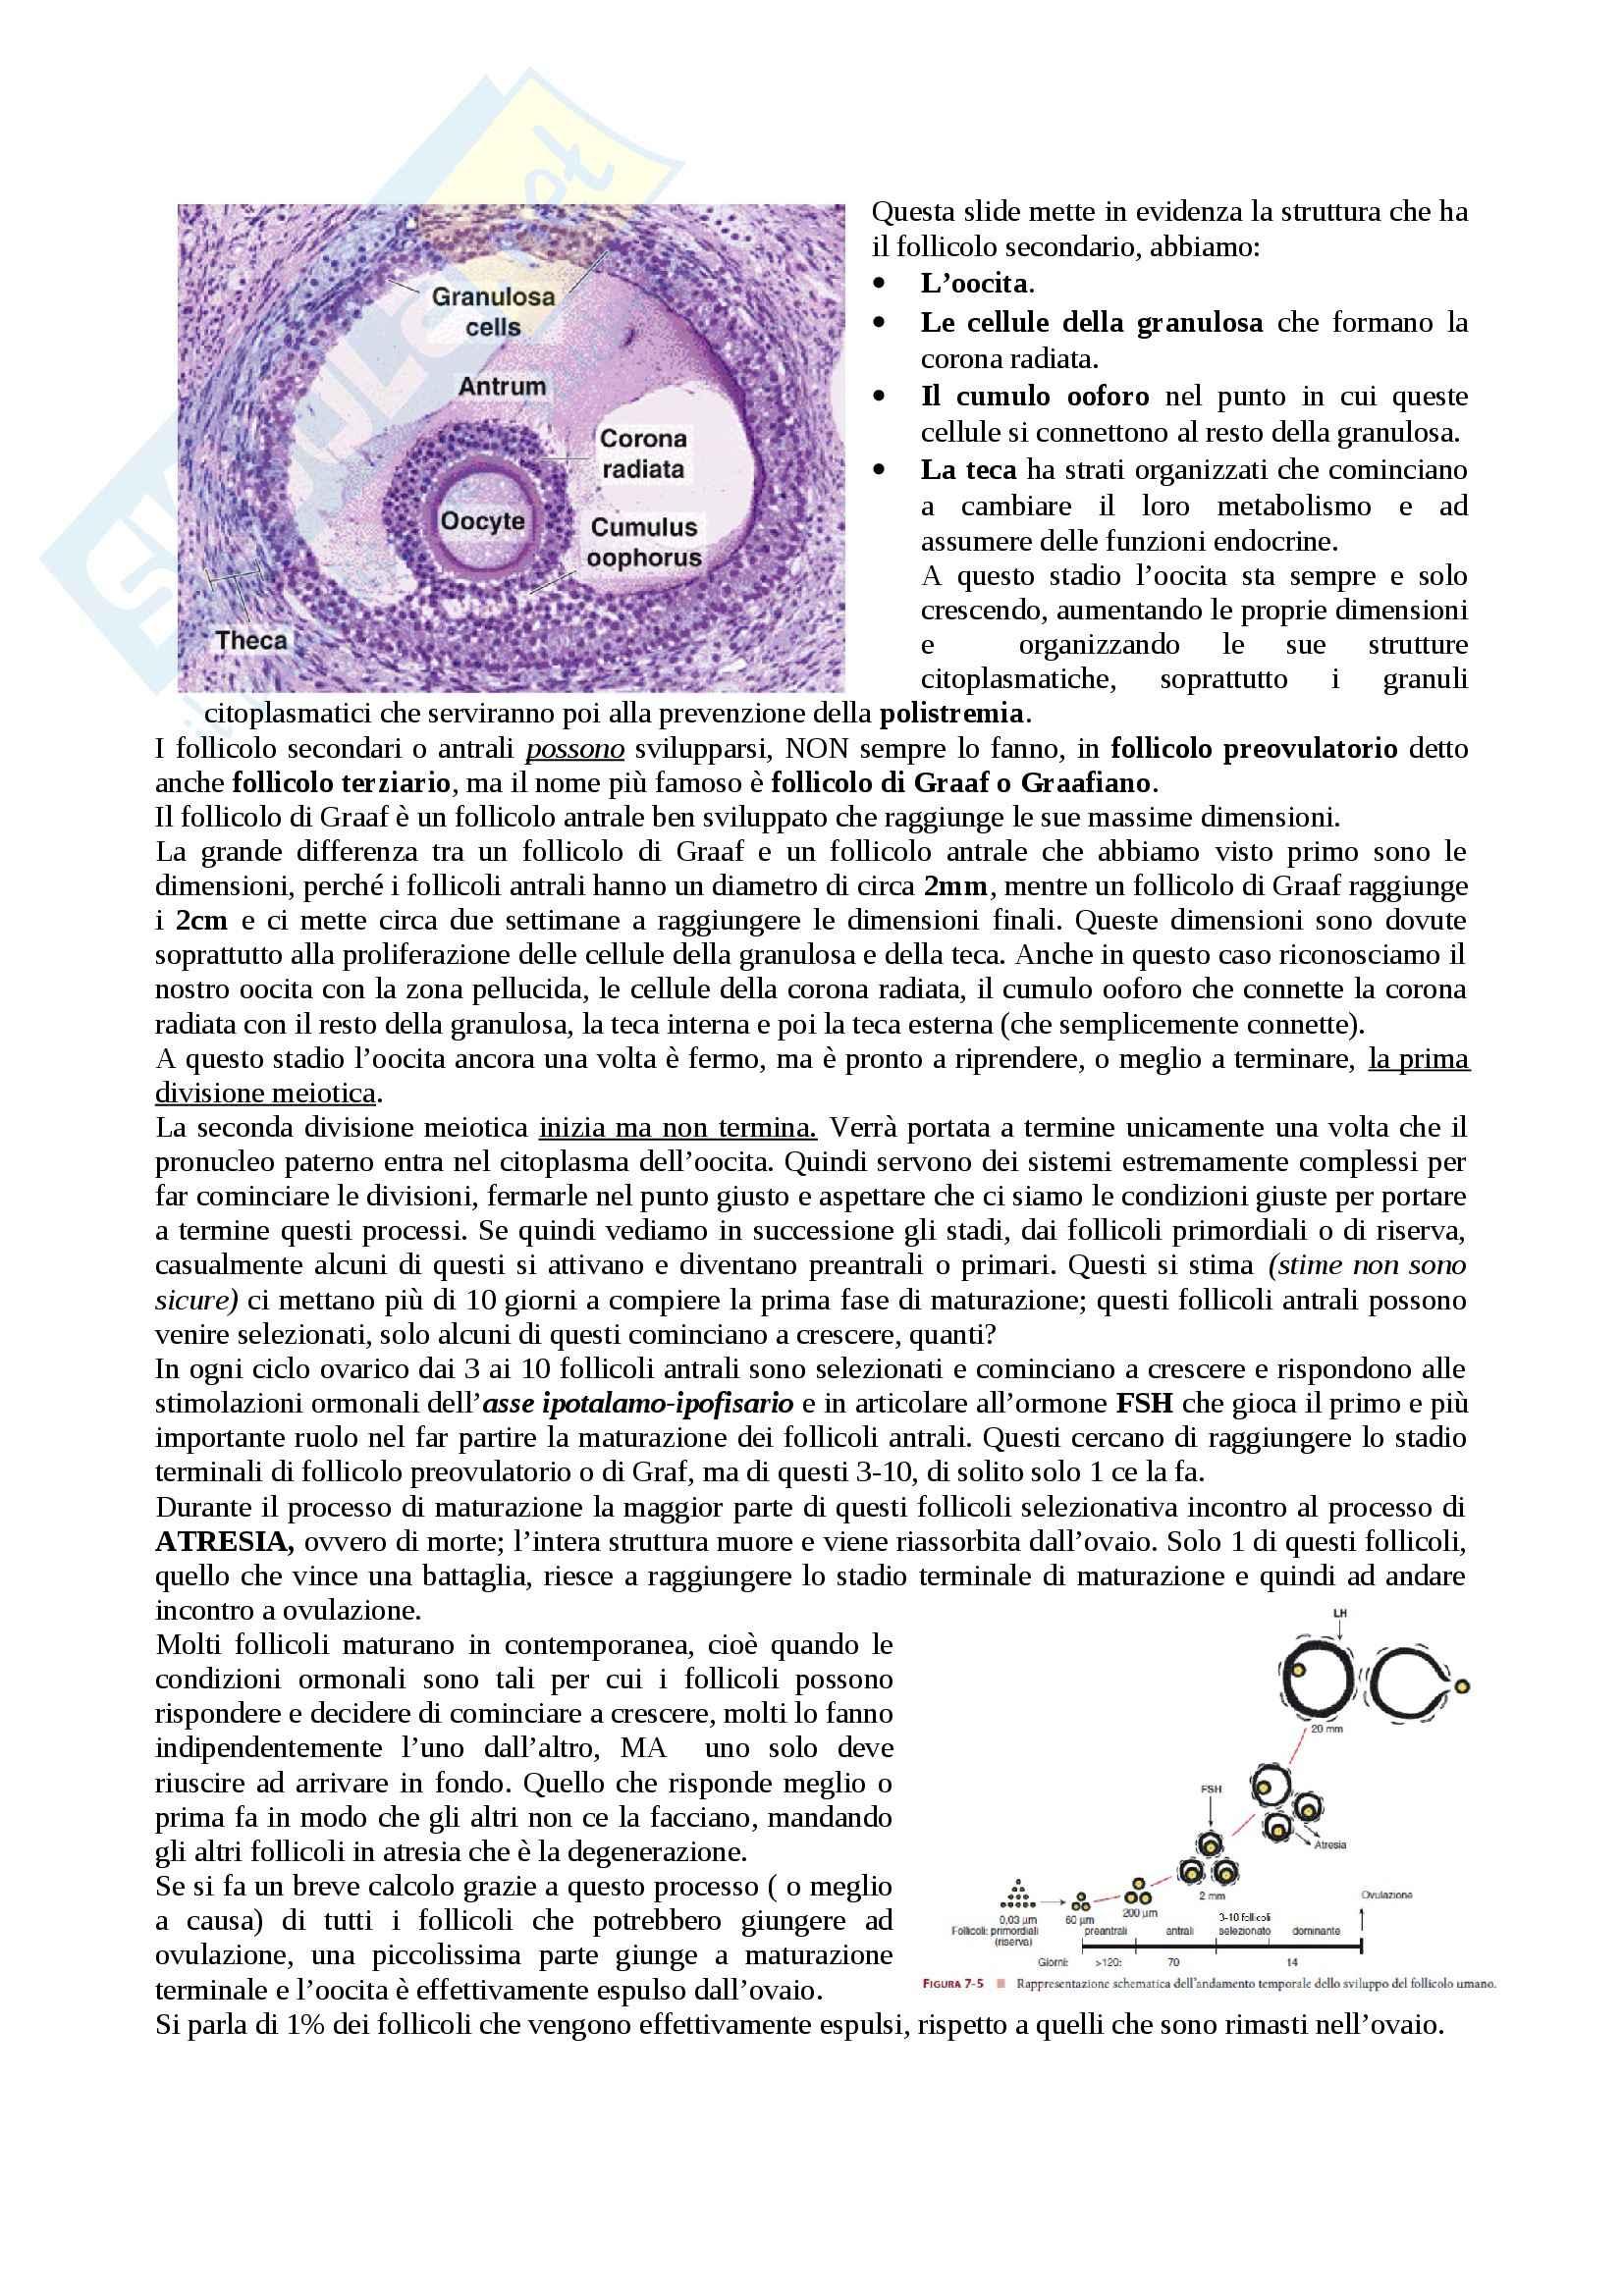 Ciclo follicolare e Fecondazione, Embriologia Pag. 2